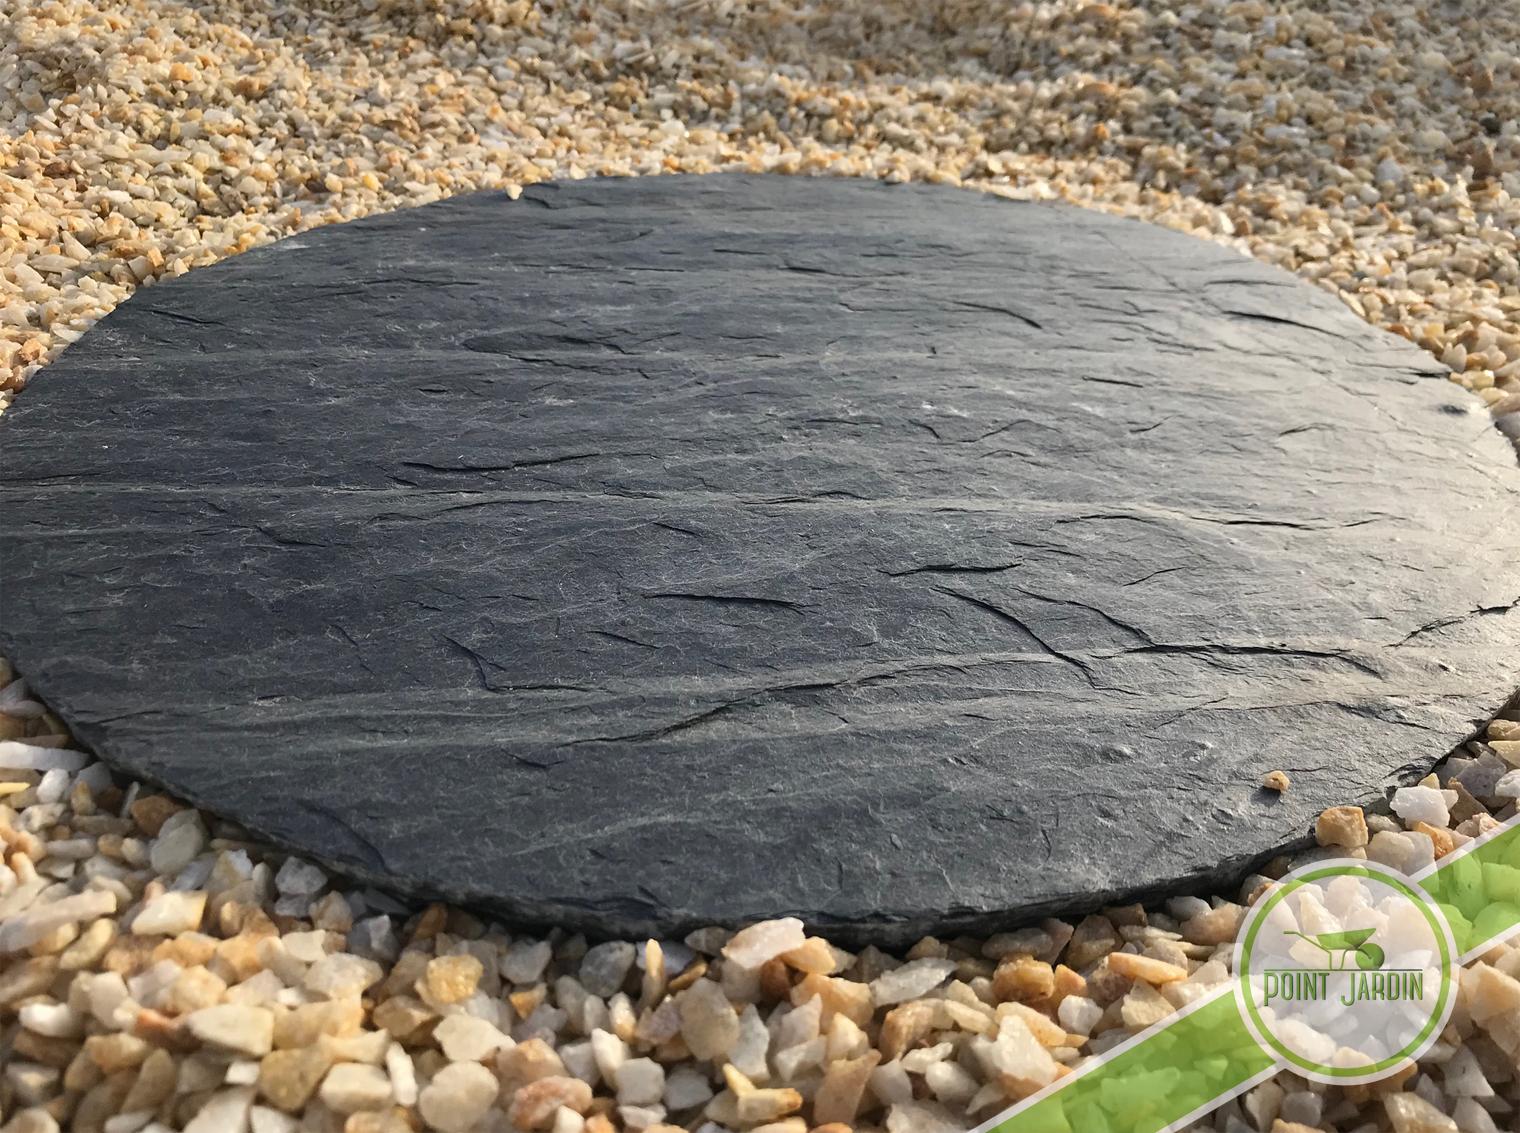 pas japonais rond ardoise naturelle point jardin livraison paris rouen dreux. Black Bedroom Furniture Sets. Home Design Ideas